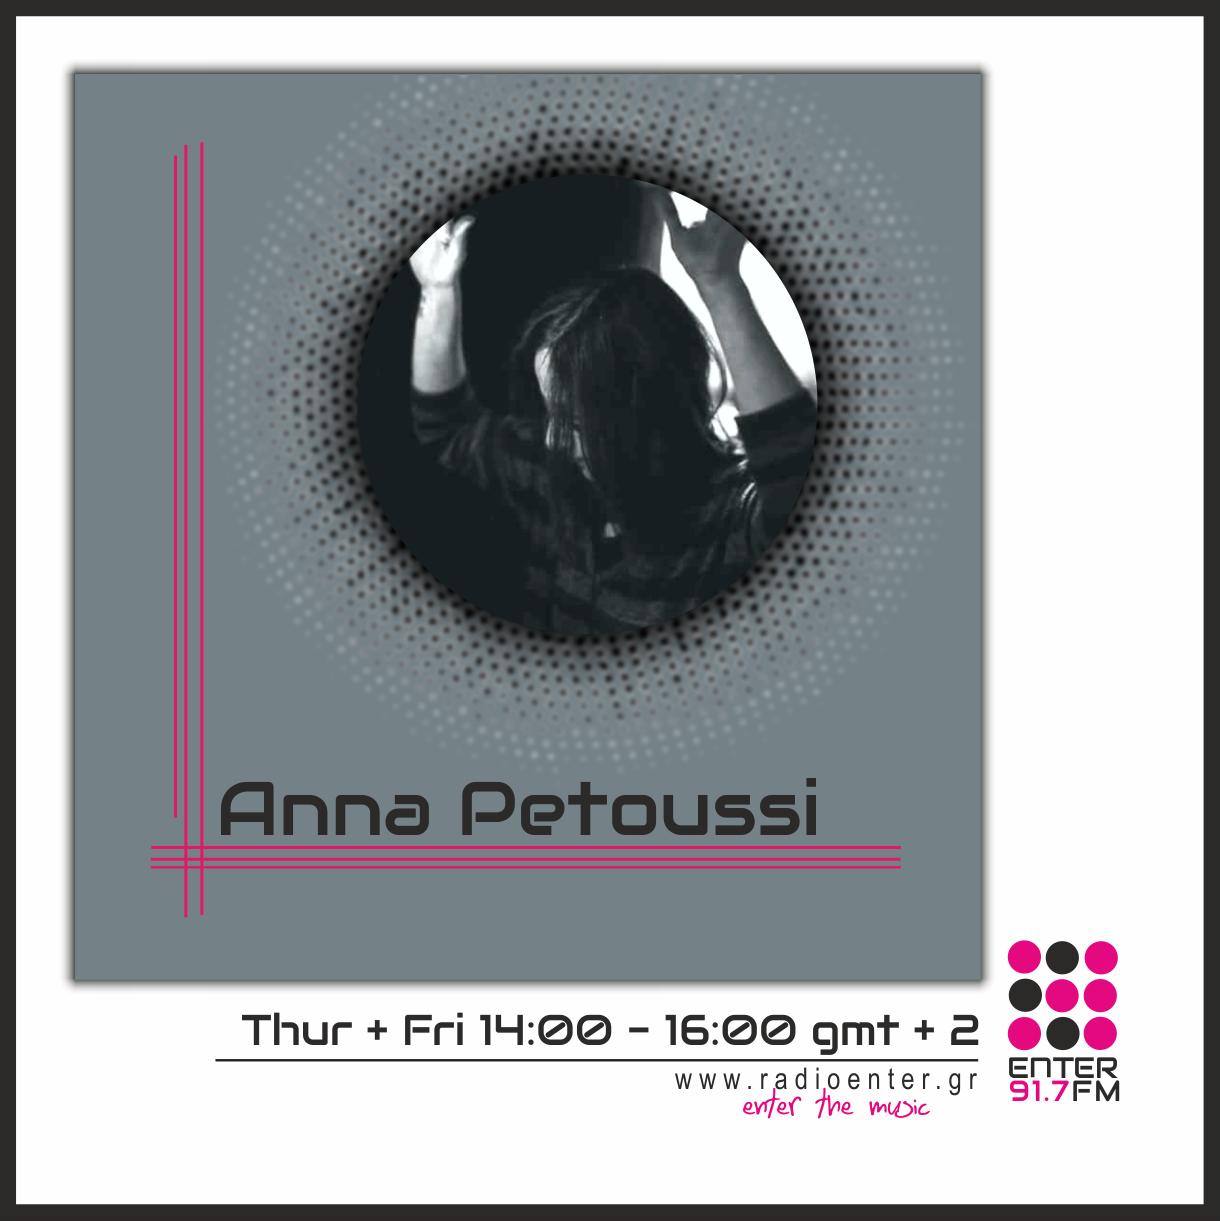 Anna Petoussi _ Radio Enter 2018